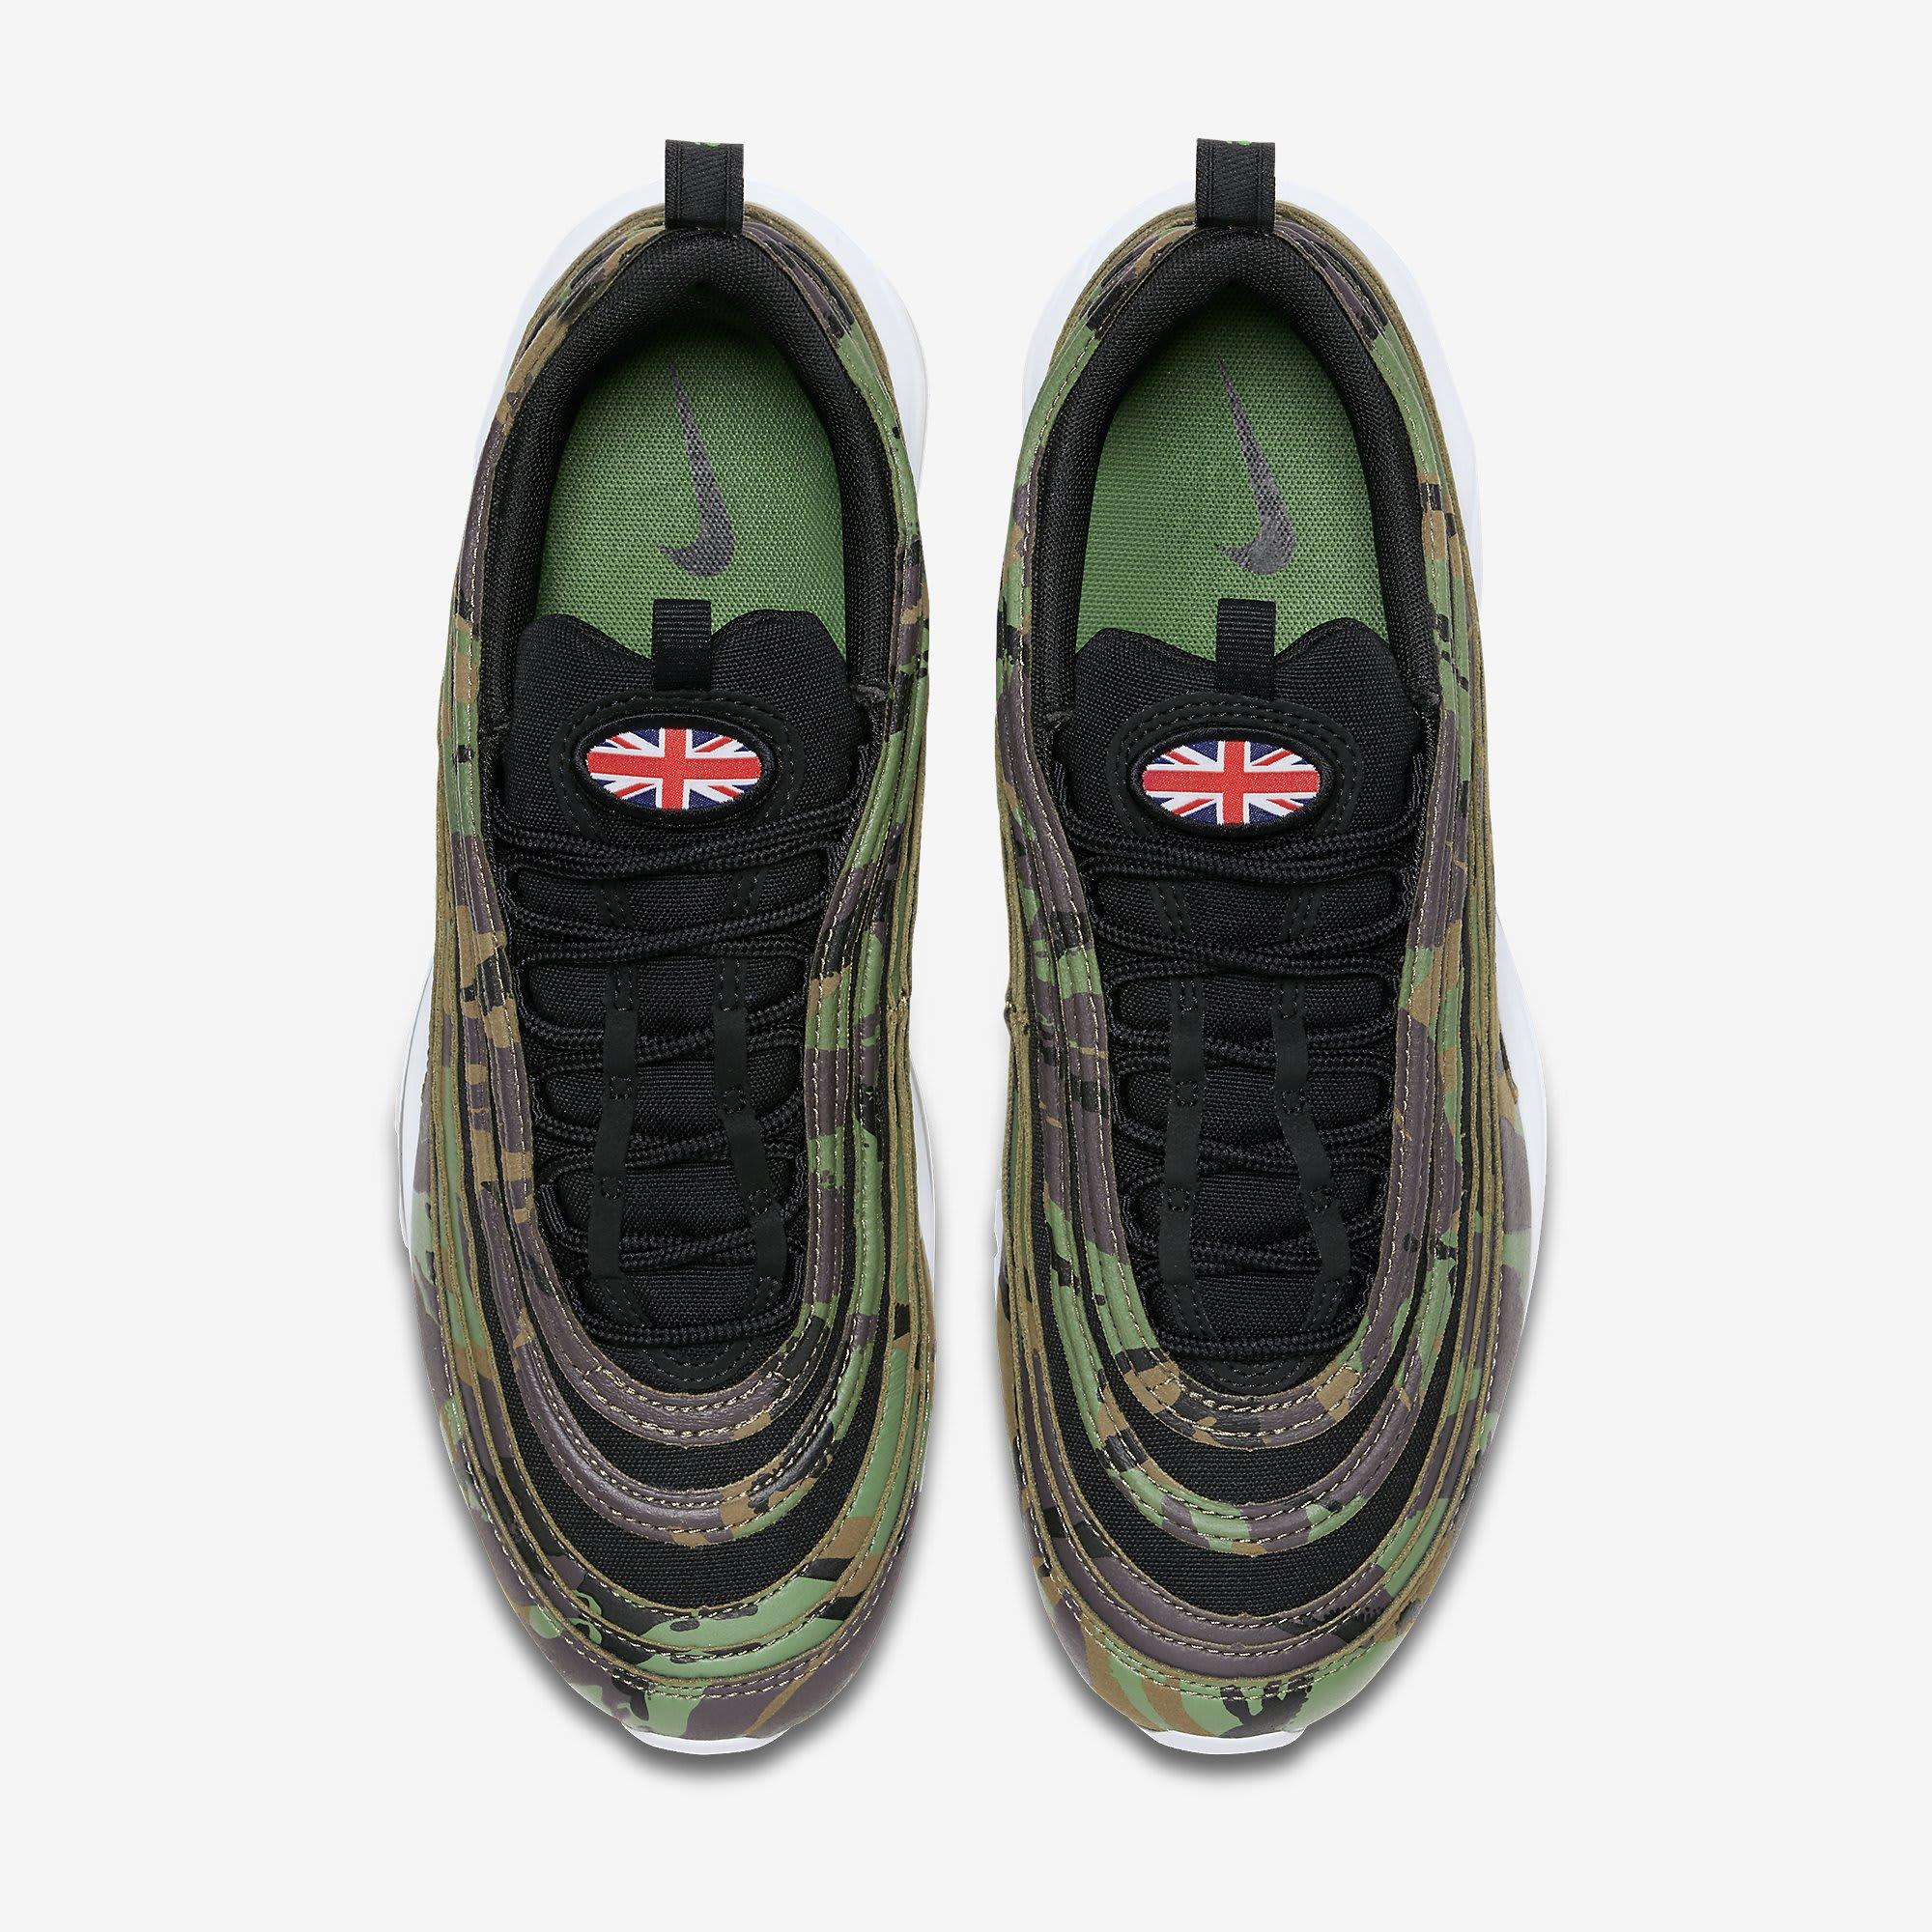 Nike Air Max 97 'Country Camo' UK AJ2614-201 (Top)